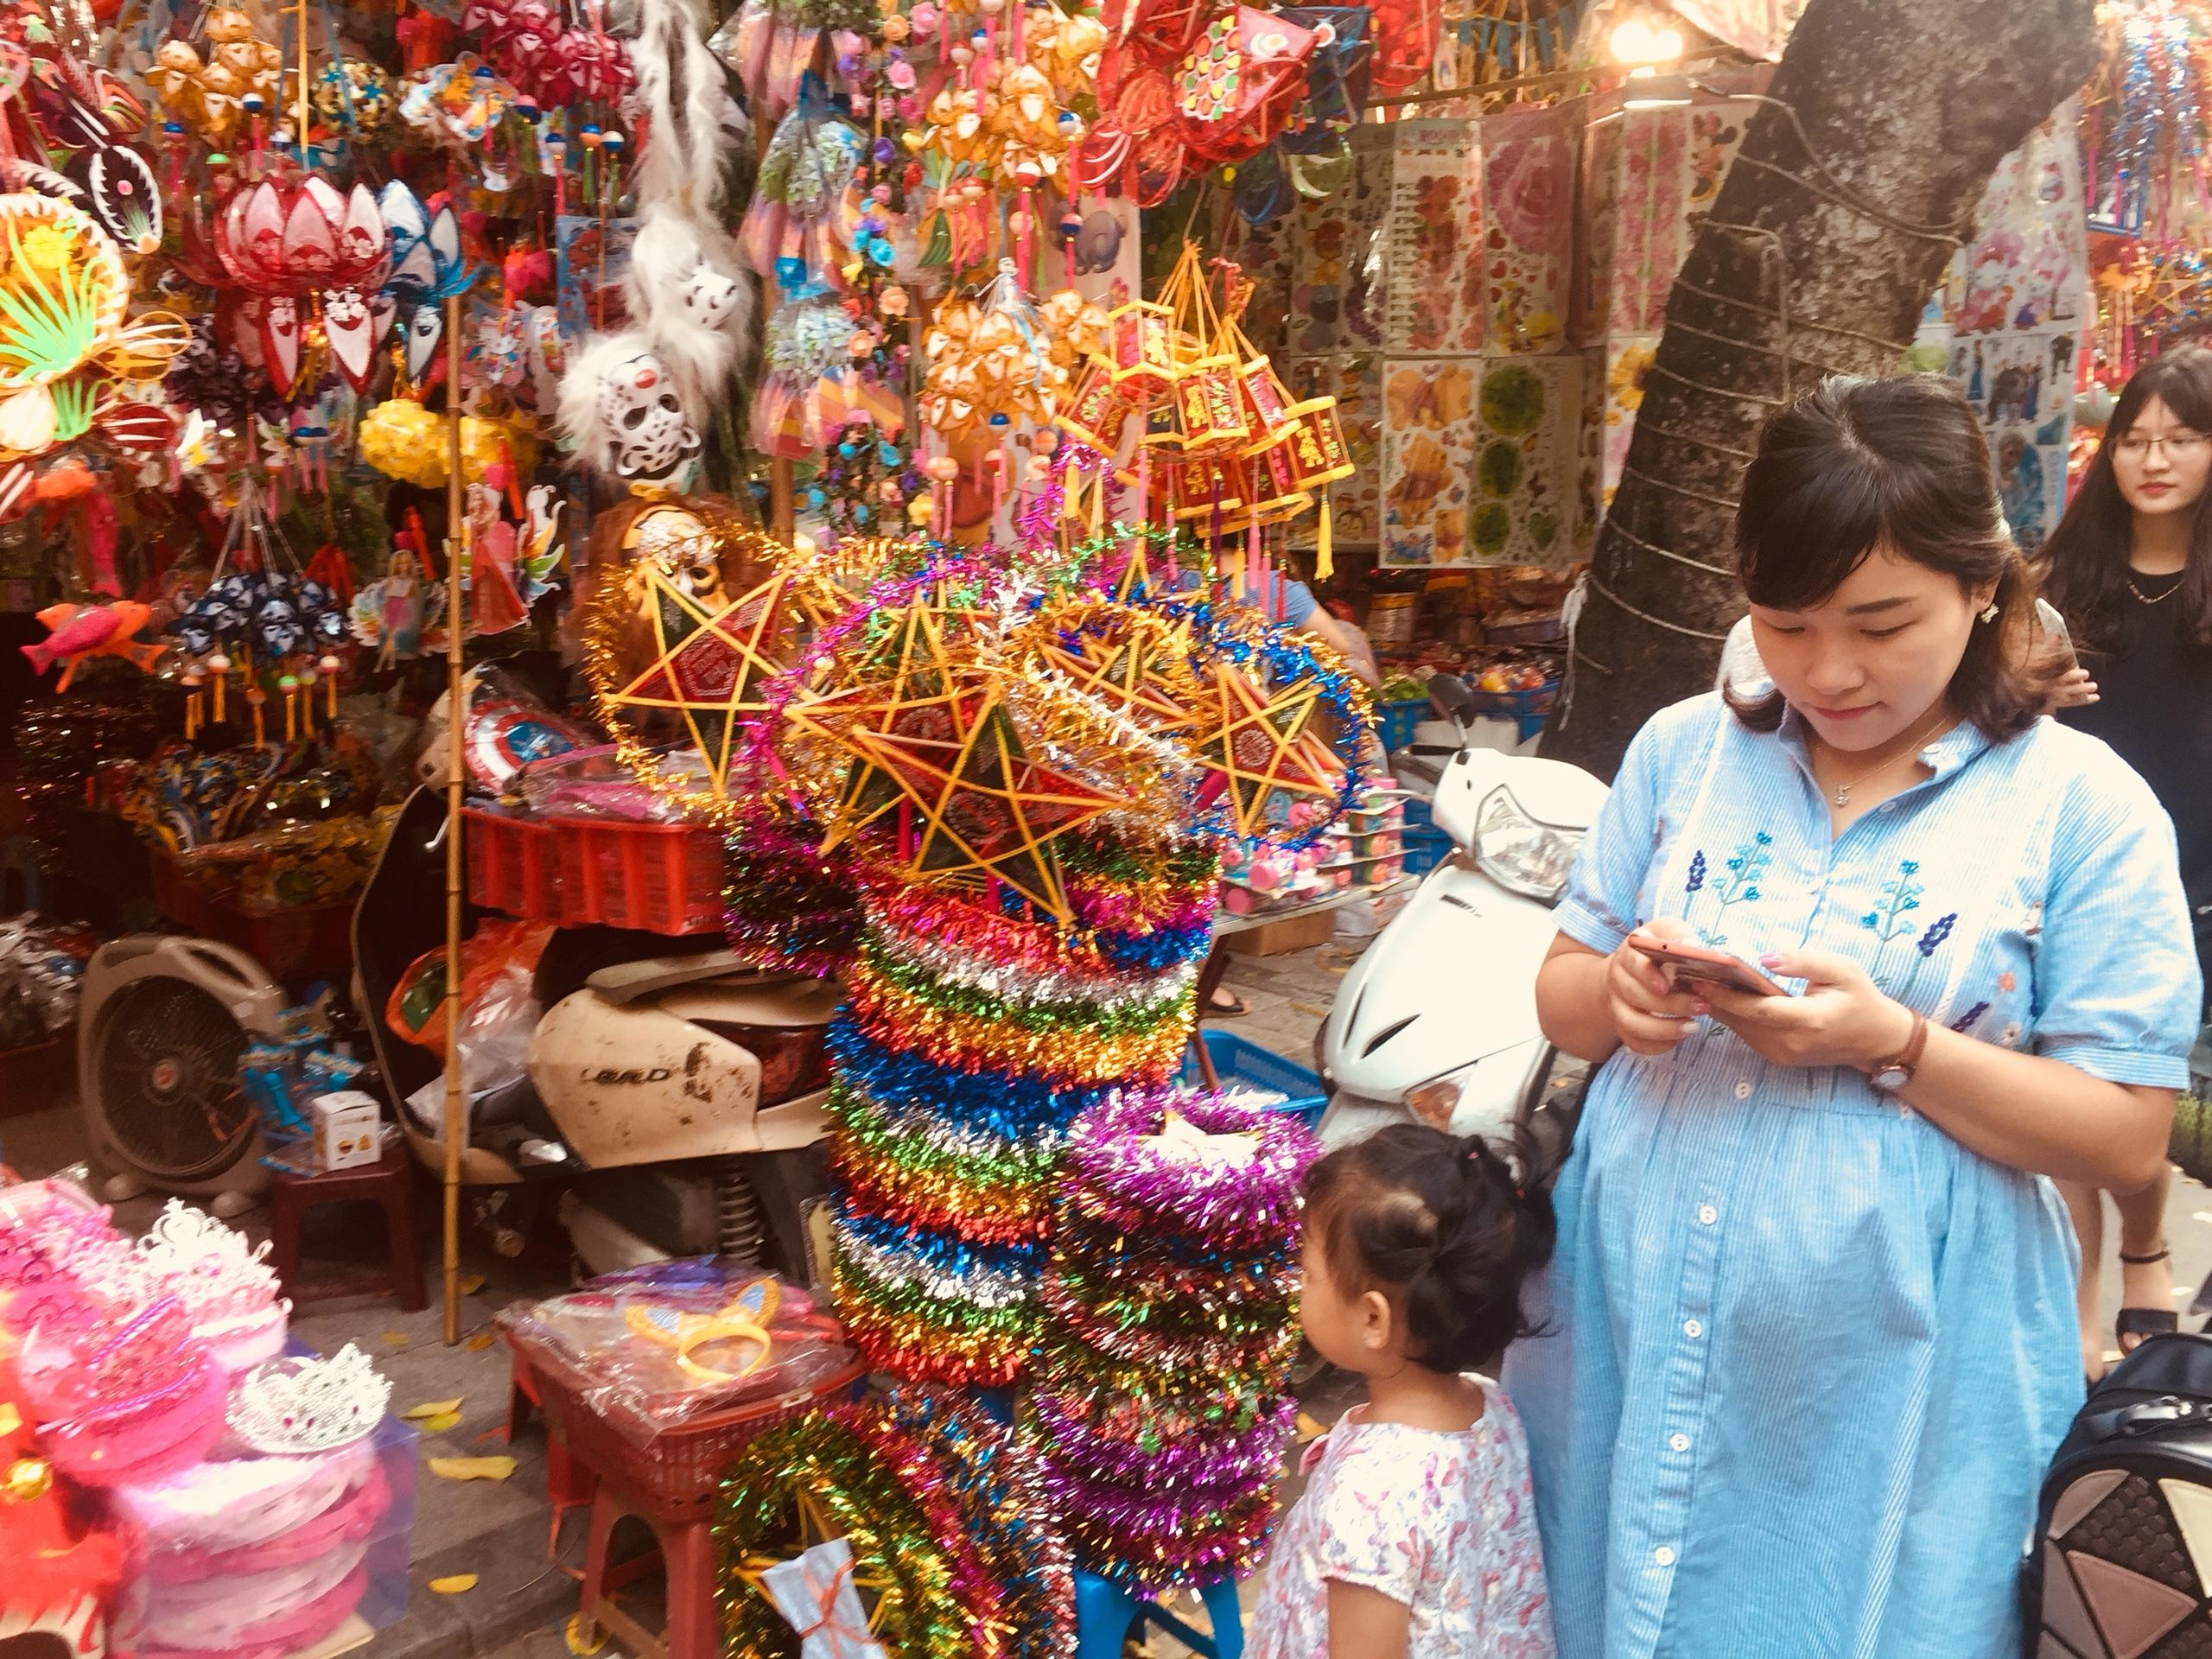 Tết Trung thu: Đồ chơi 'madein Viet Nam' vẫn chiếm ưu thế và ngập tràn phố Hàng Mã